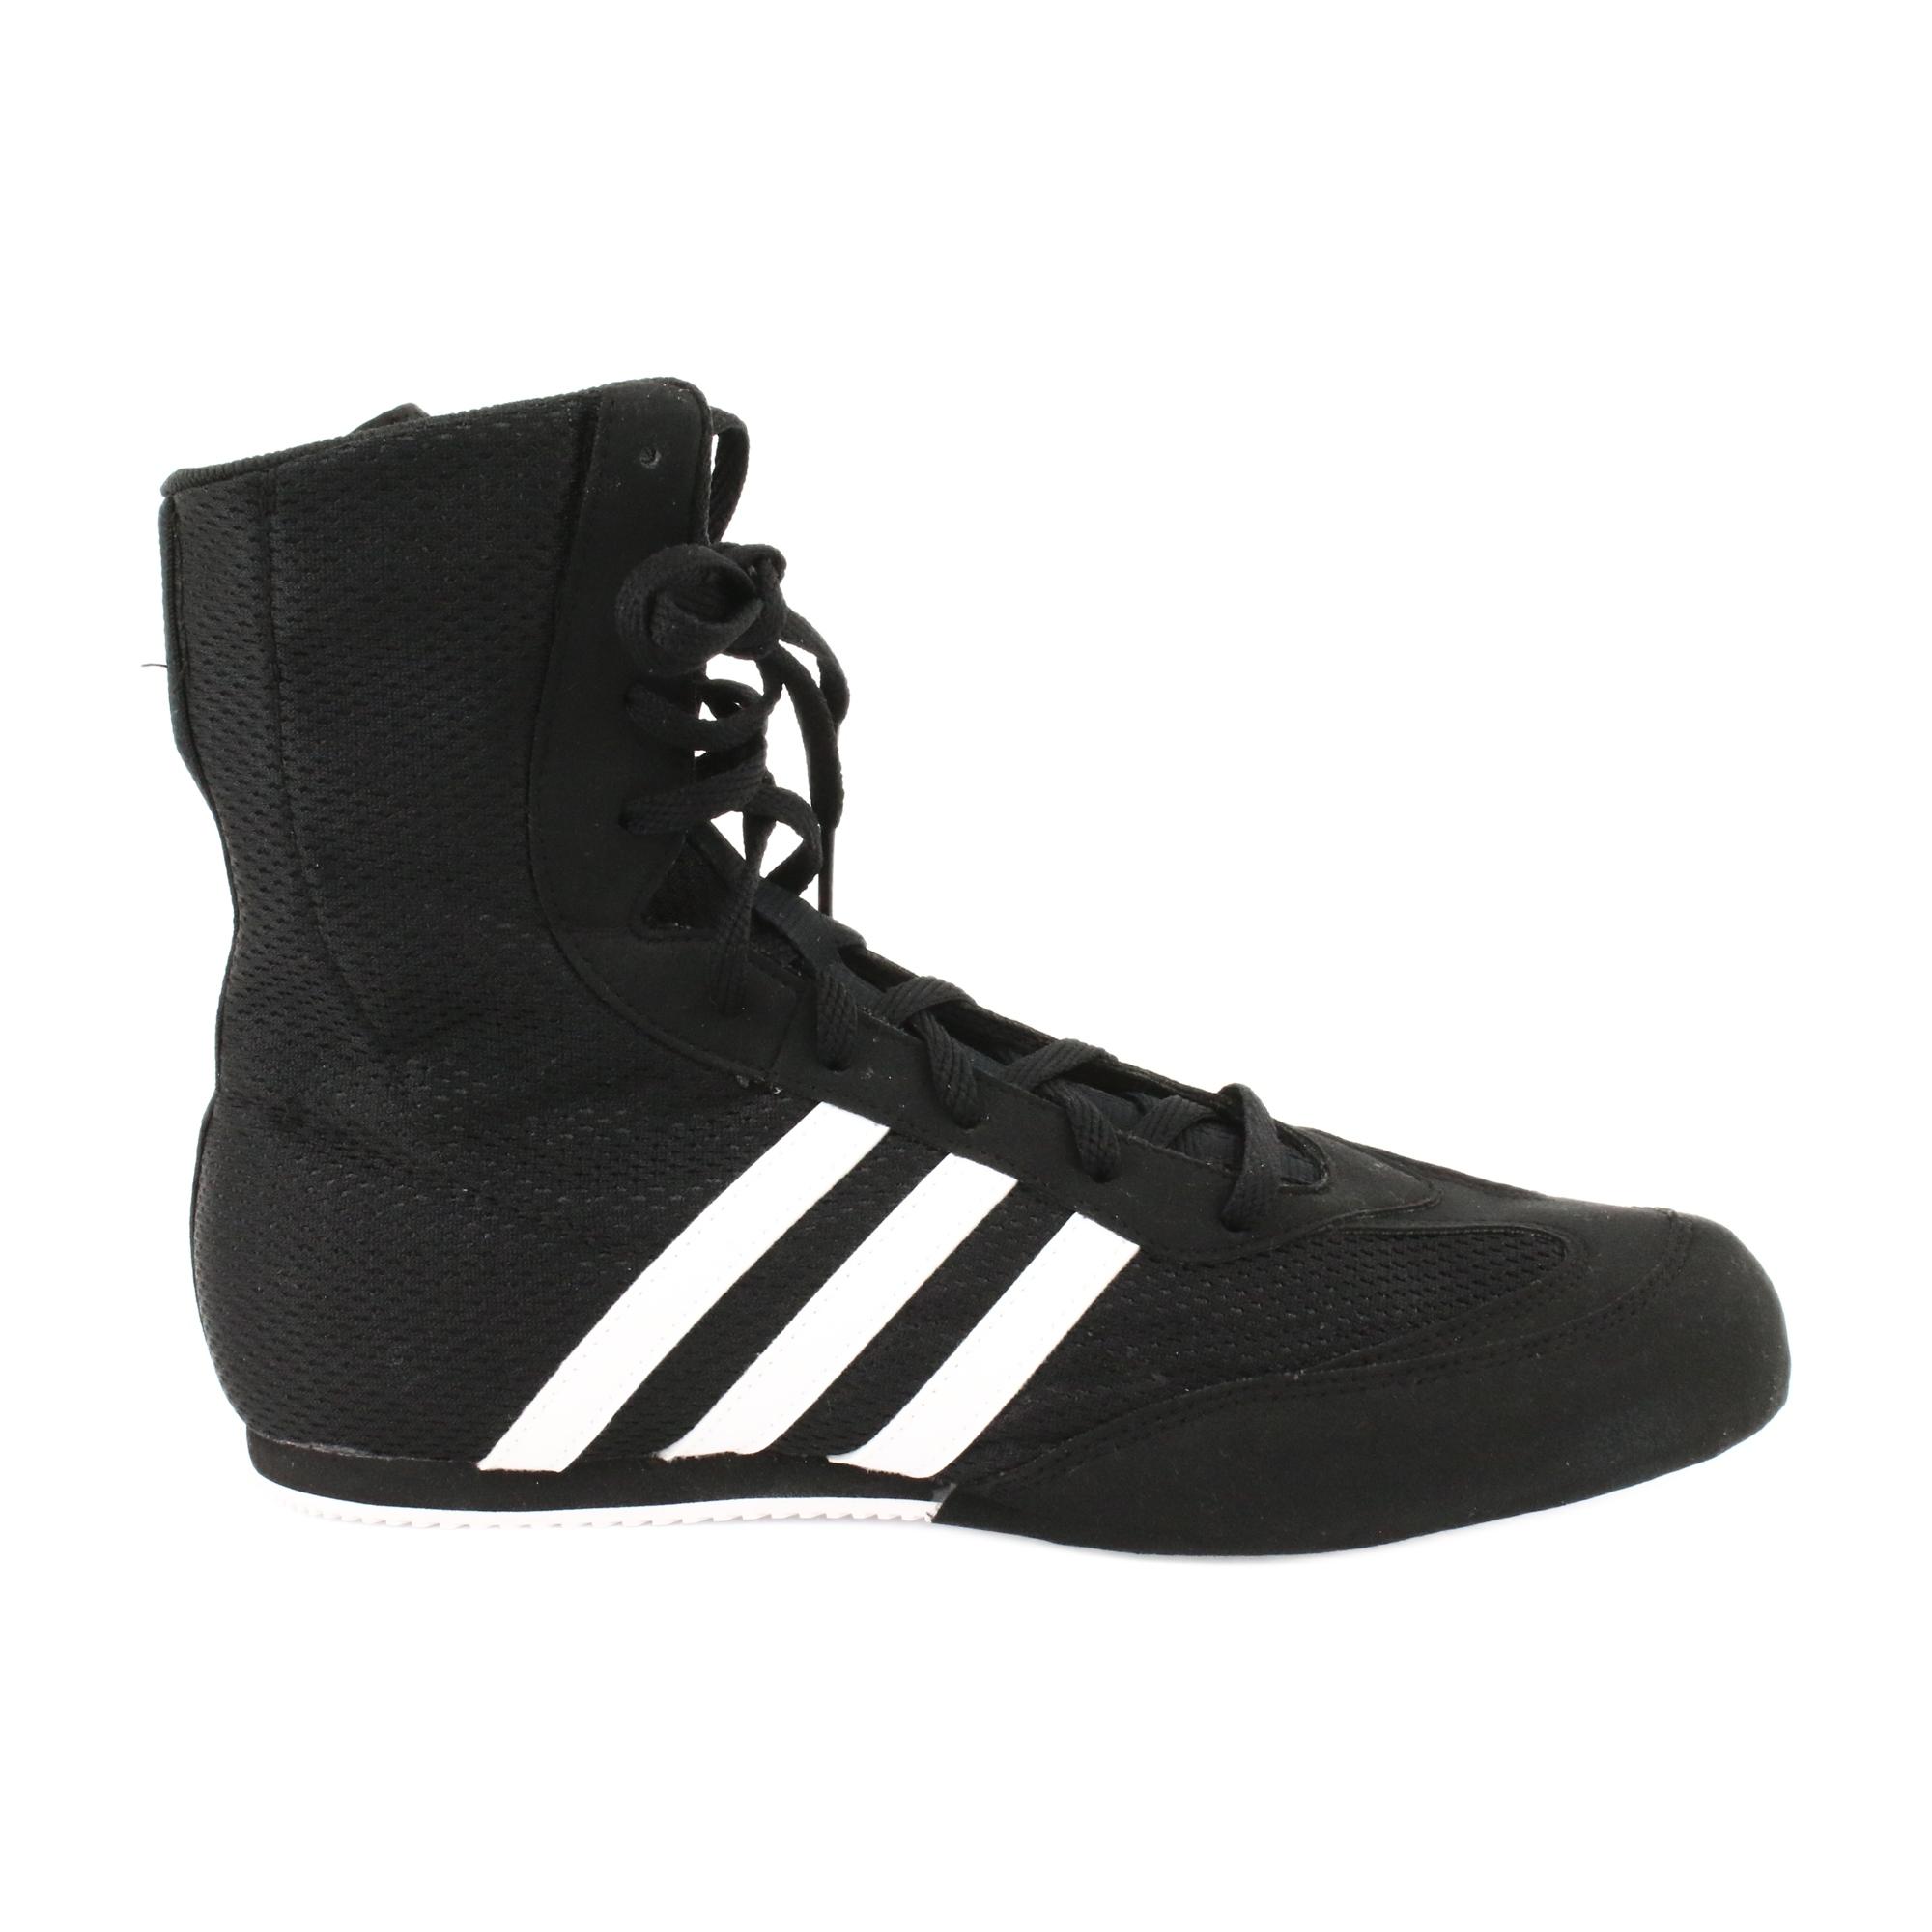 Sort Adidas Box Hog Ii boksesko